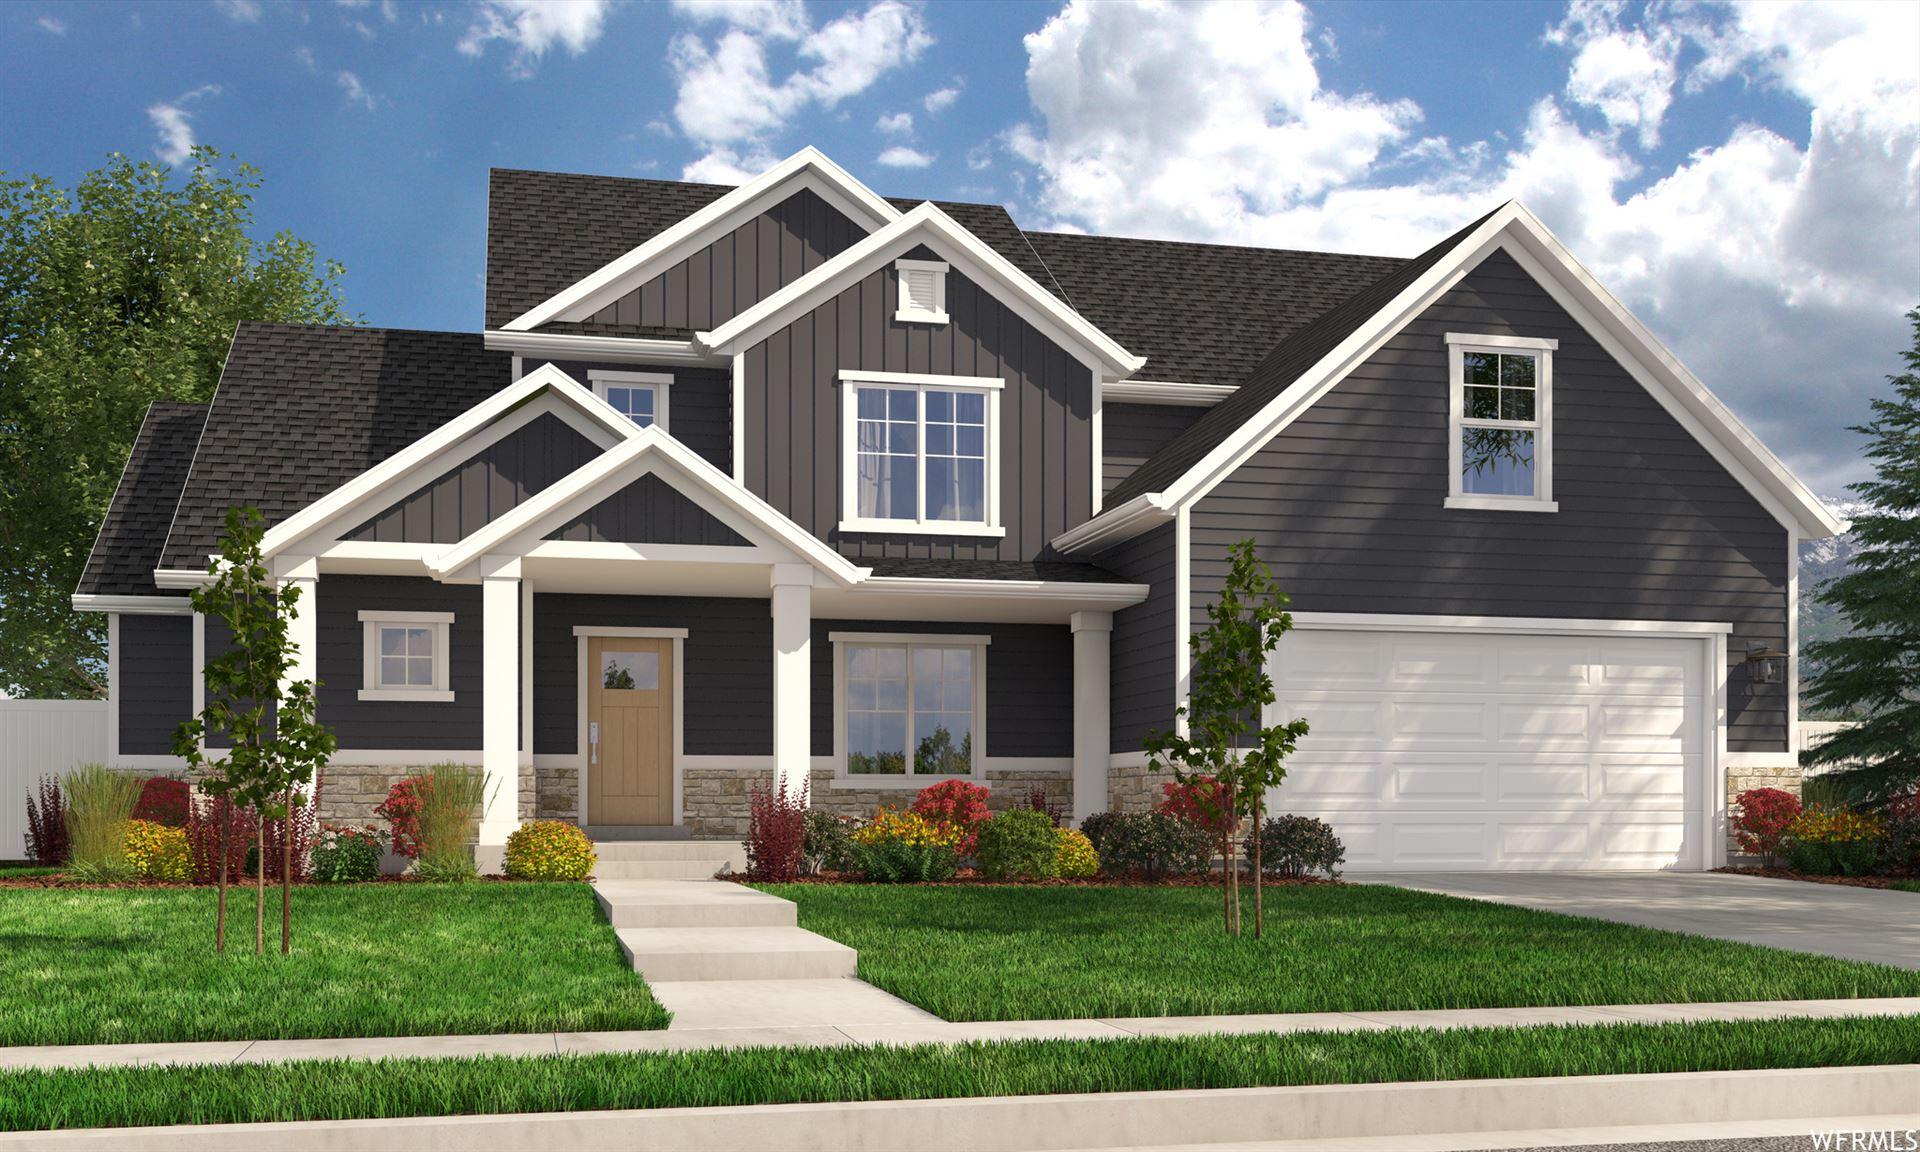 Photo of 1511 N 580 W #108, Saratoga Springs, UT 84043 (MLS # 1734023)